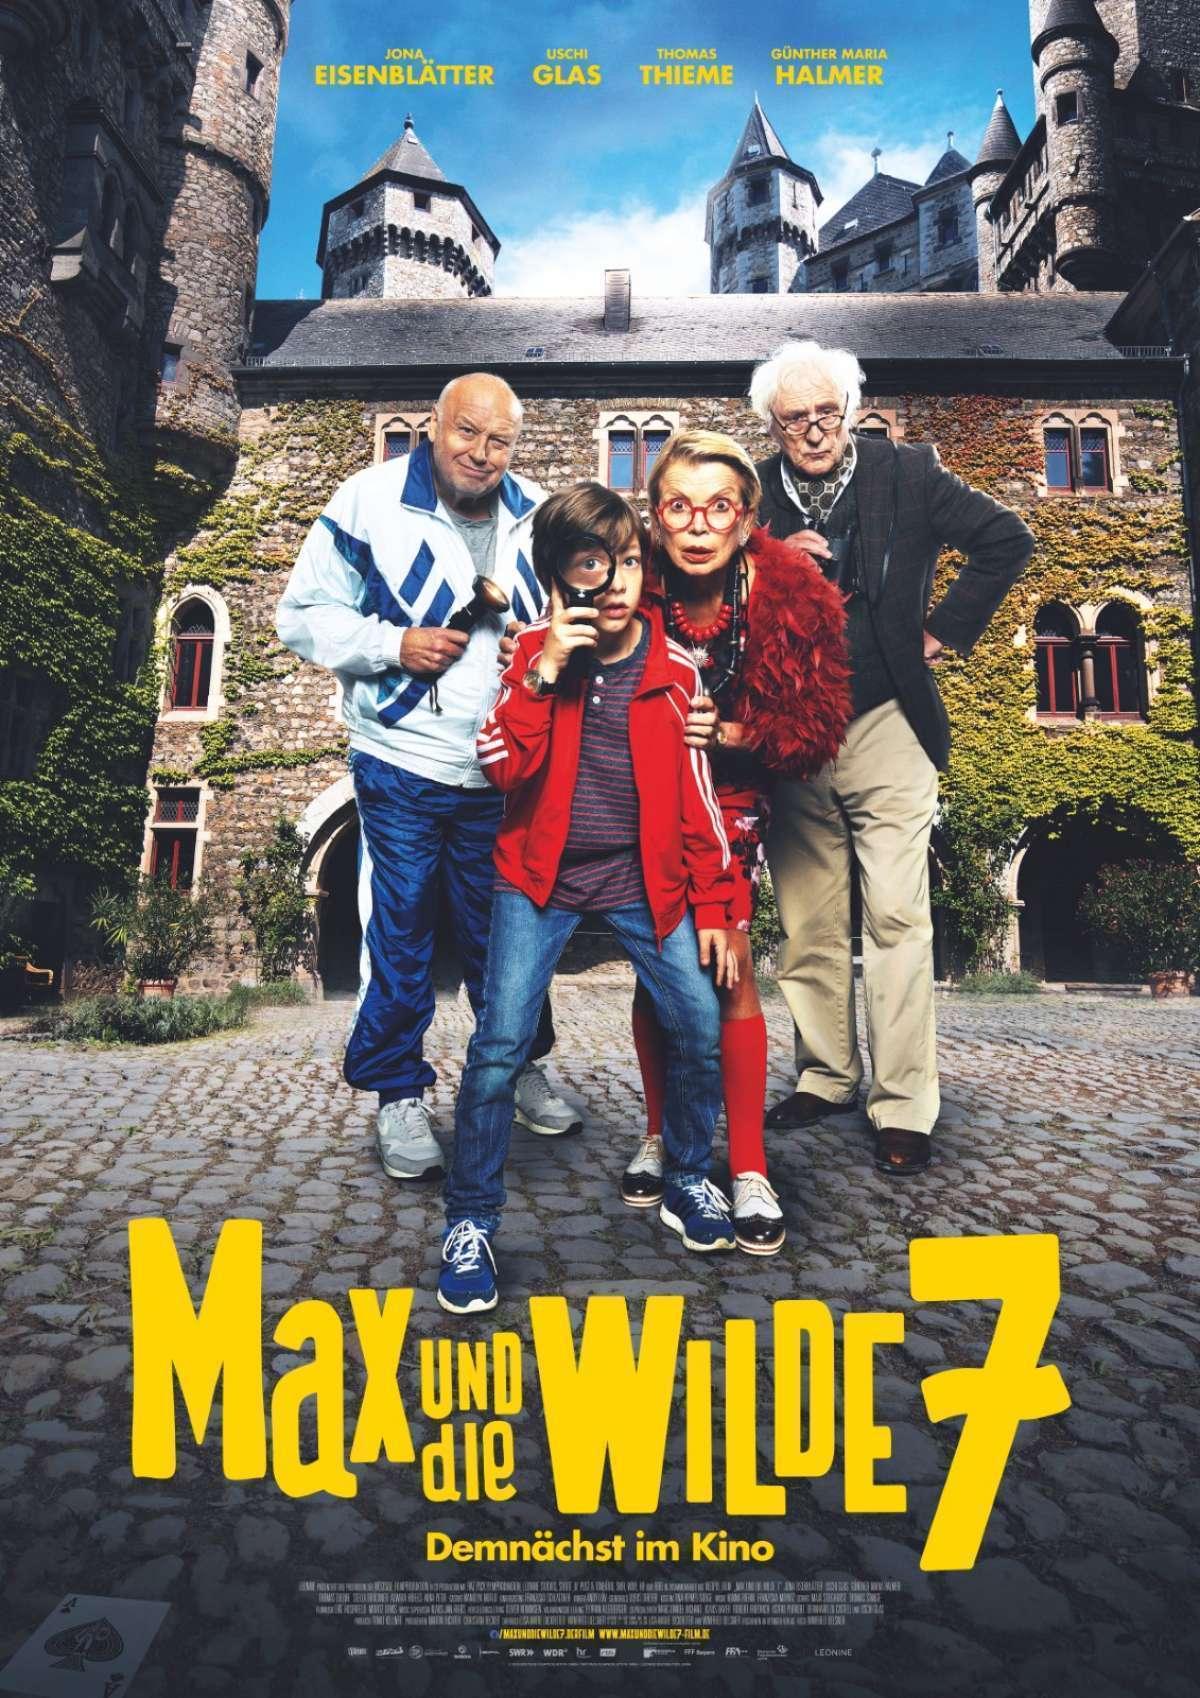 Max und die wilde 7 - Pollux by Cineplex  - Paderborn